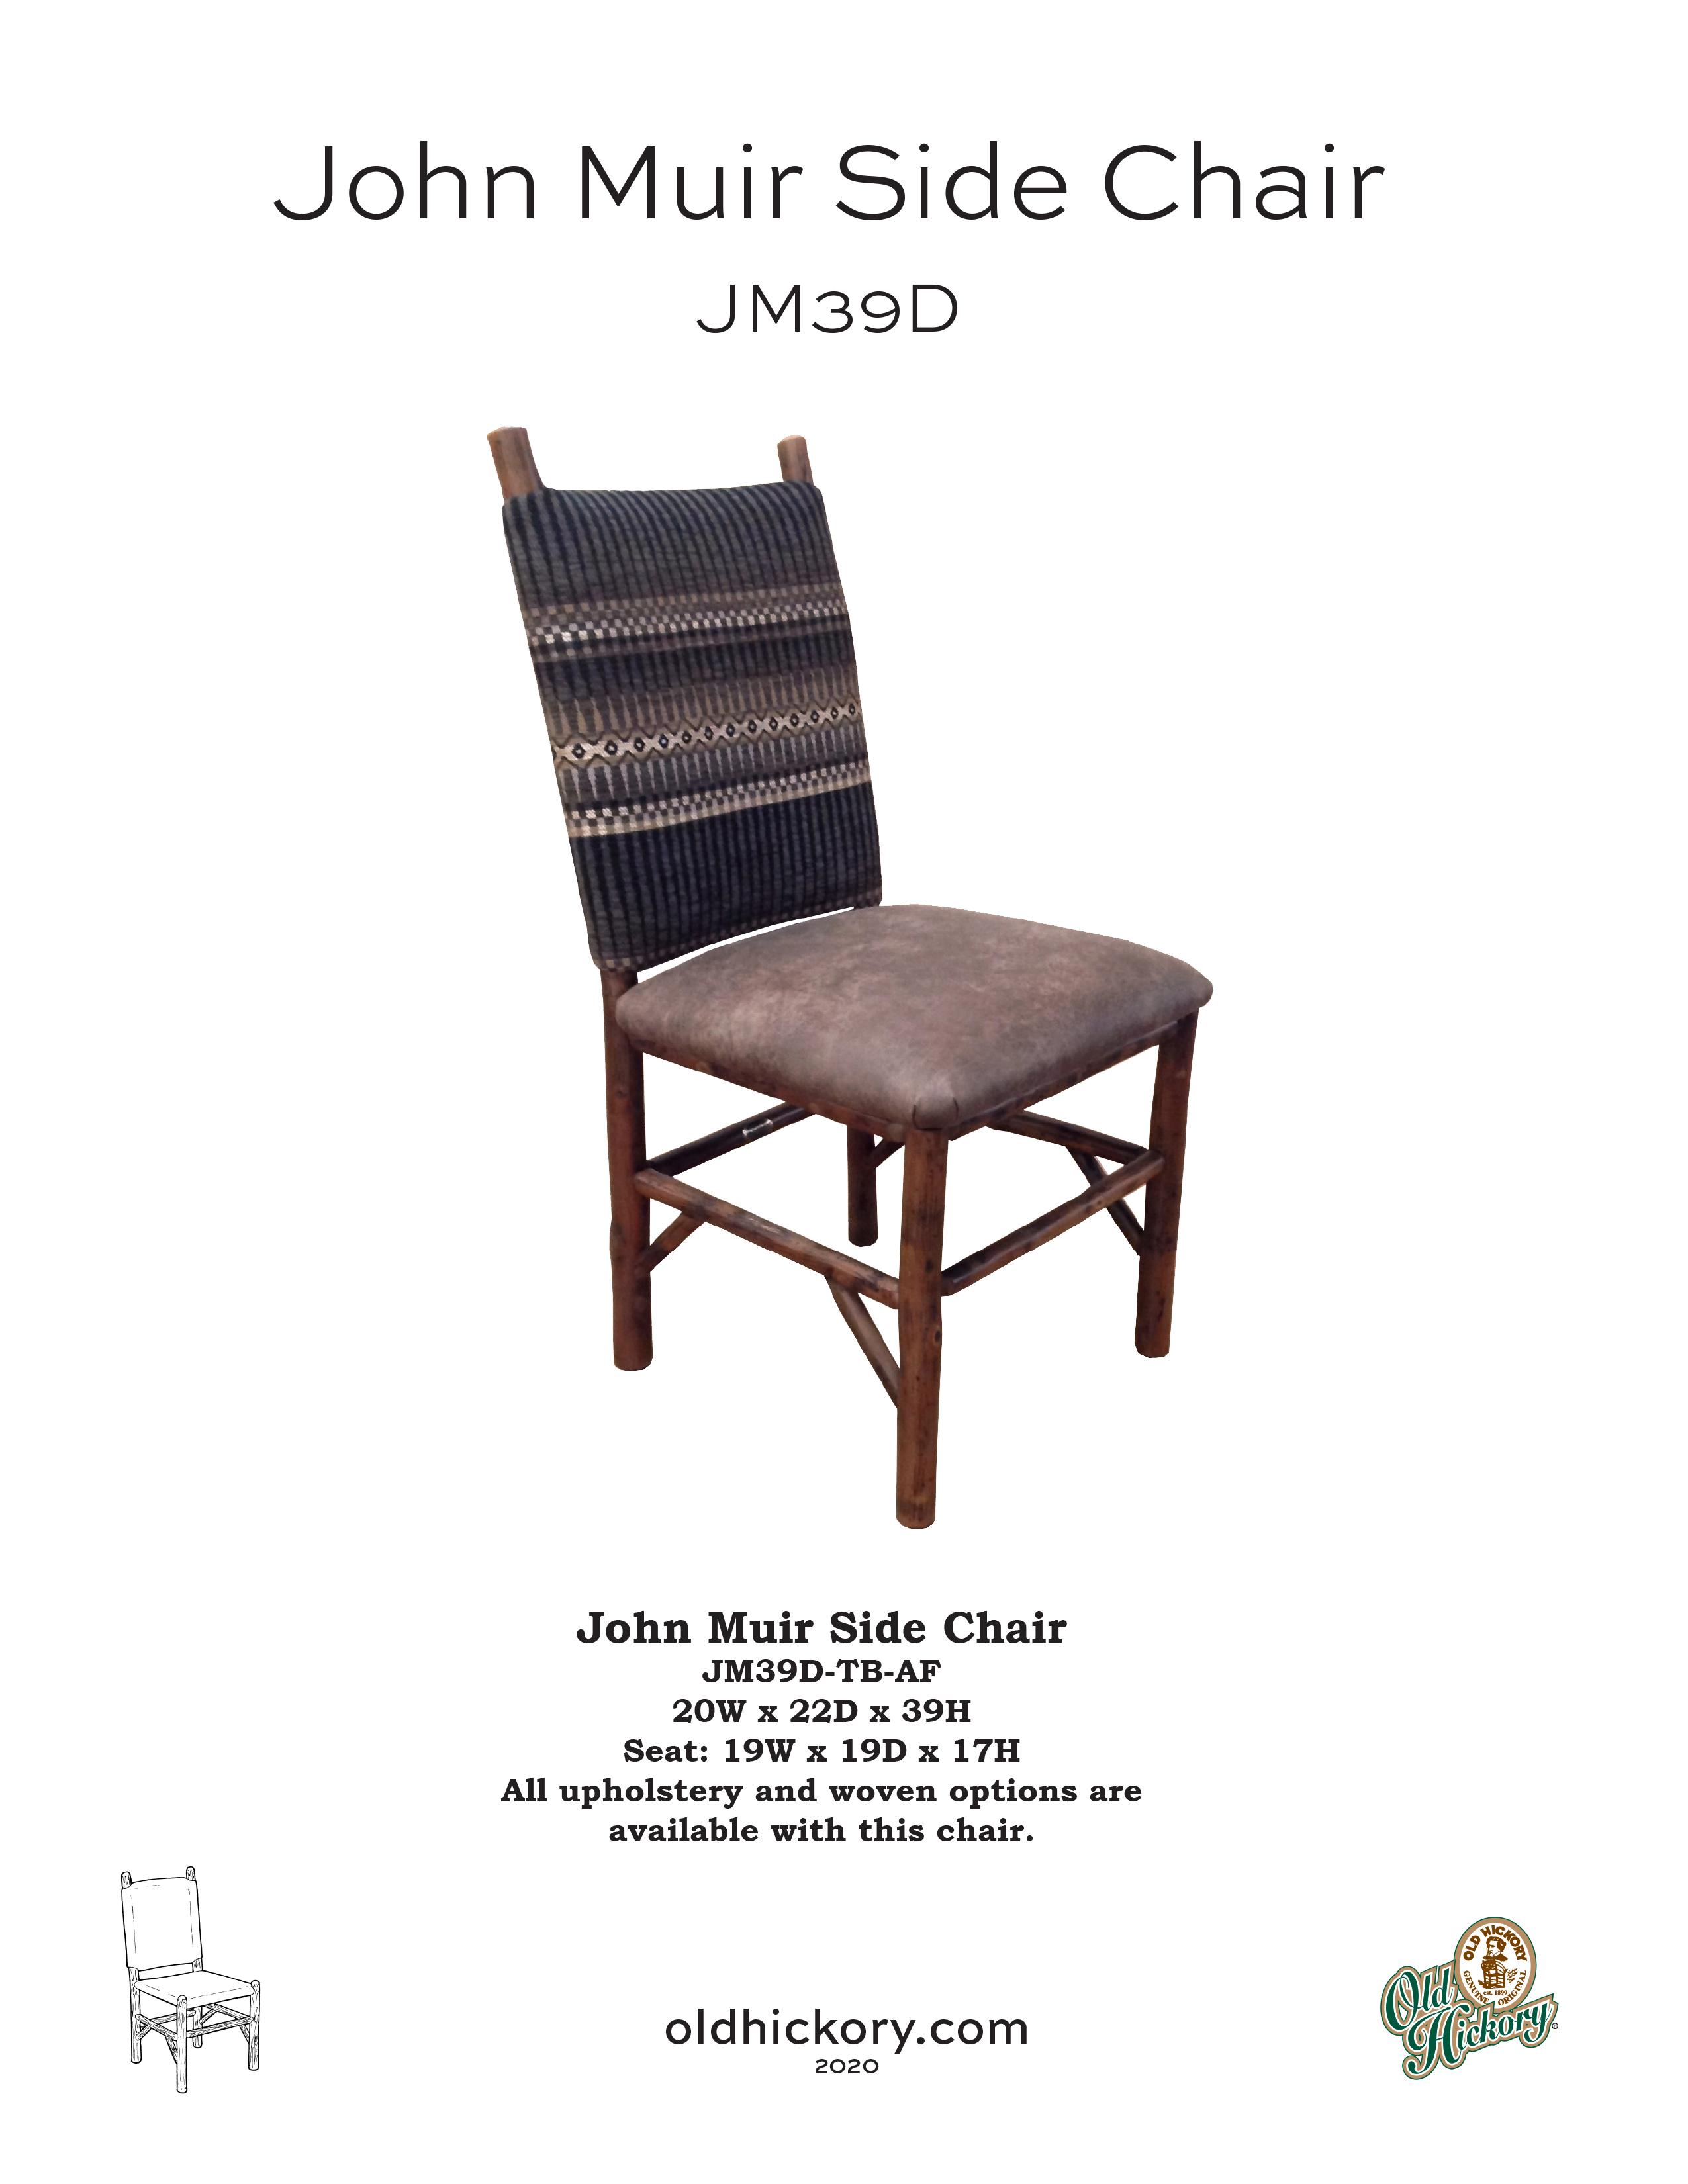 JM39D